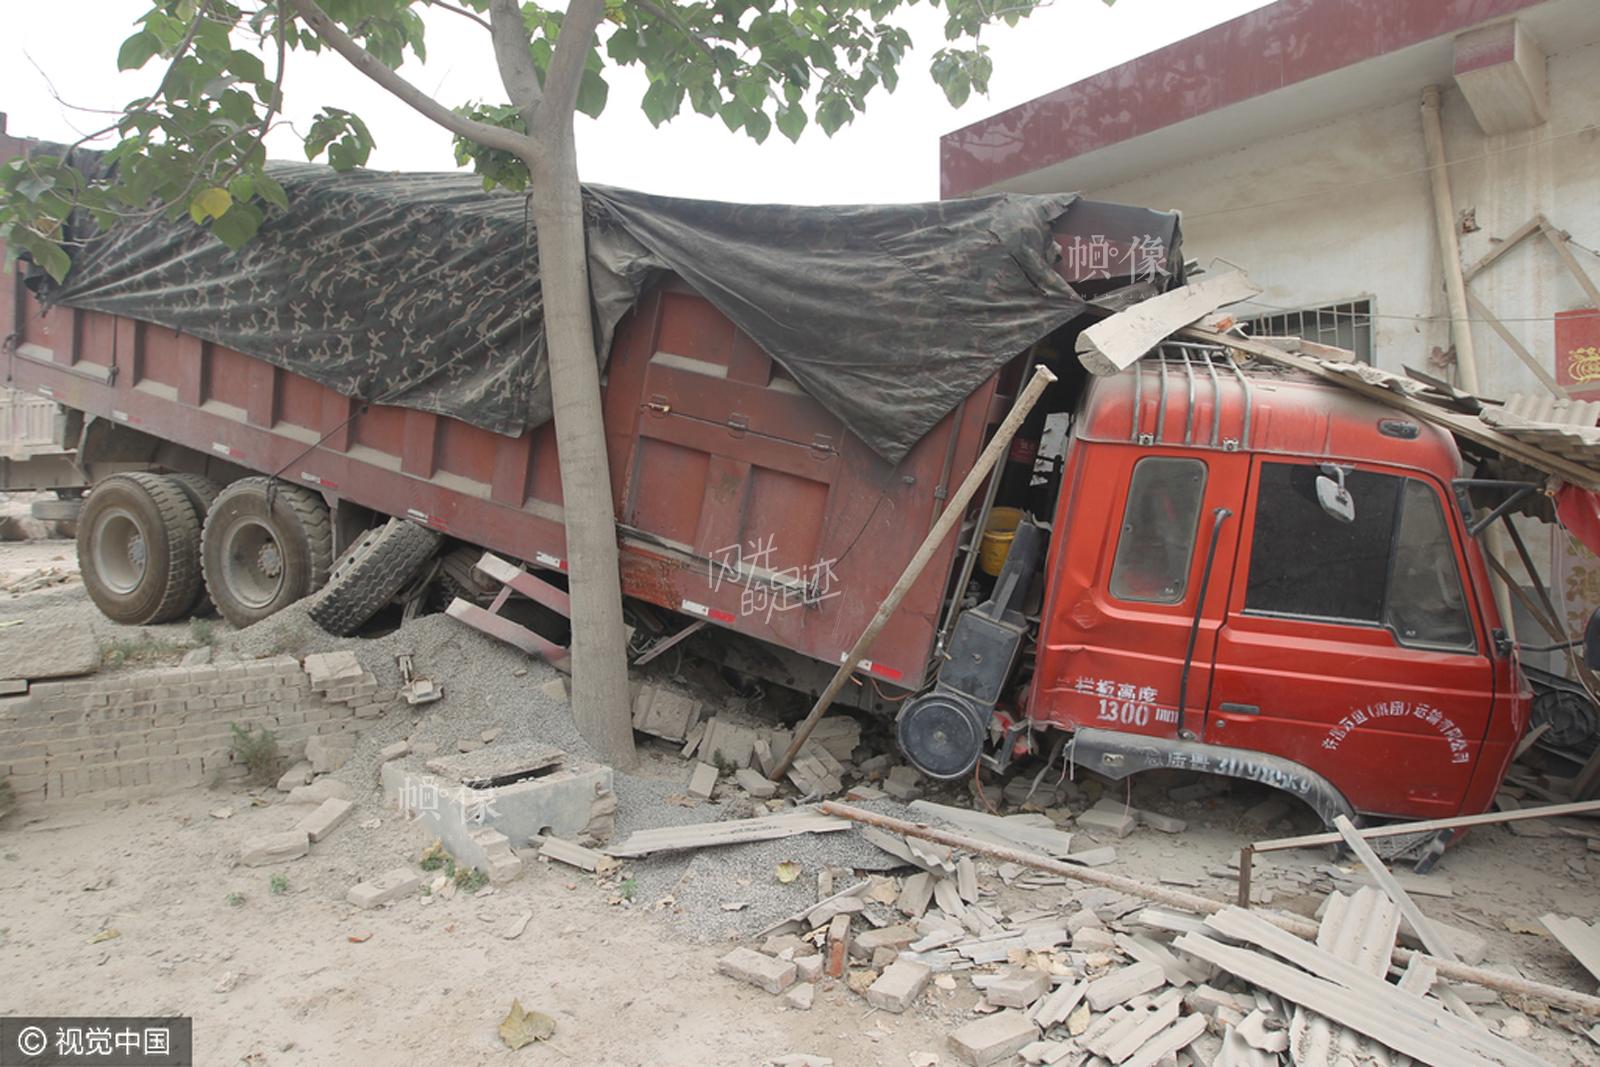 2014年6月16日,河南省禹州市浅井镇扒村林山路口,一辆超载运送石料的货车撞上民房。视觉中国